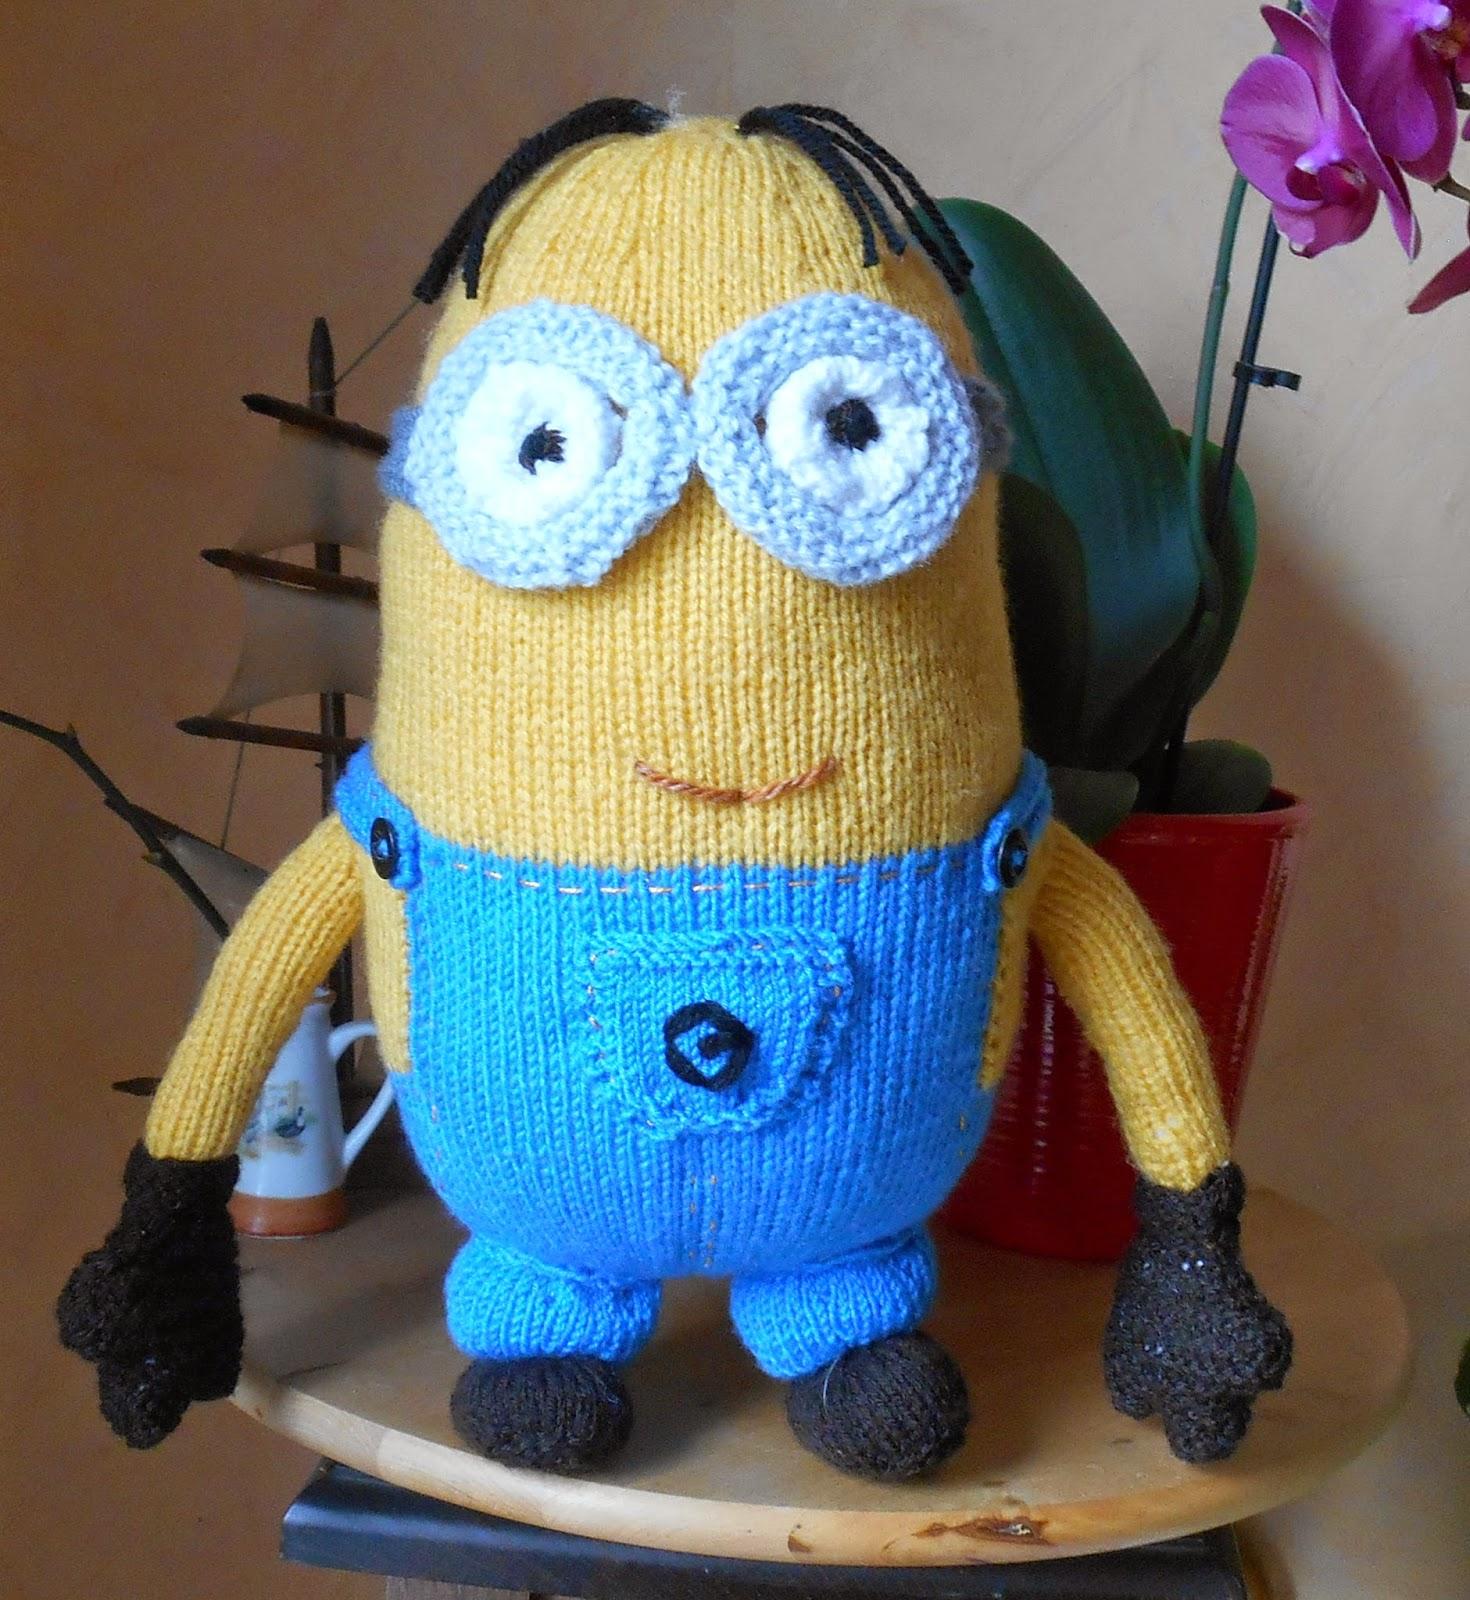 Du tricot et des jouets peluches et poup es adopter - Peluches a 1 euro ...